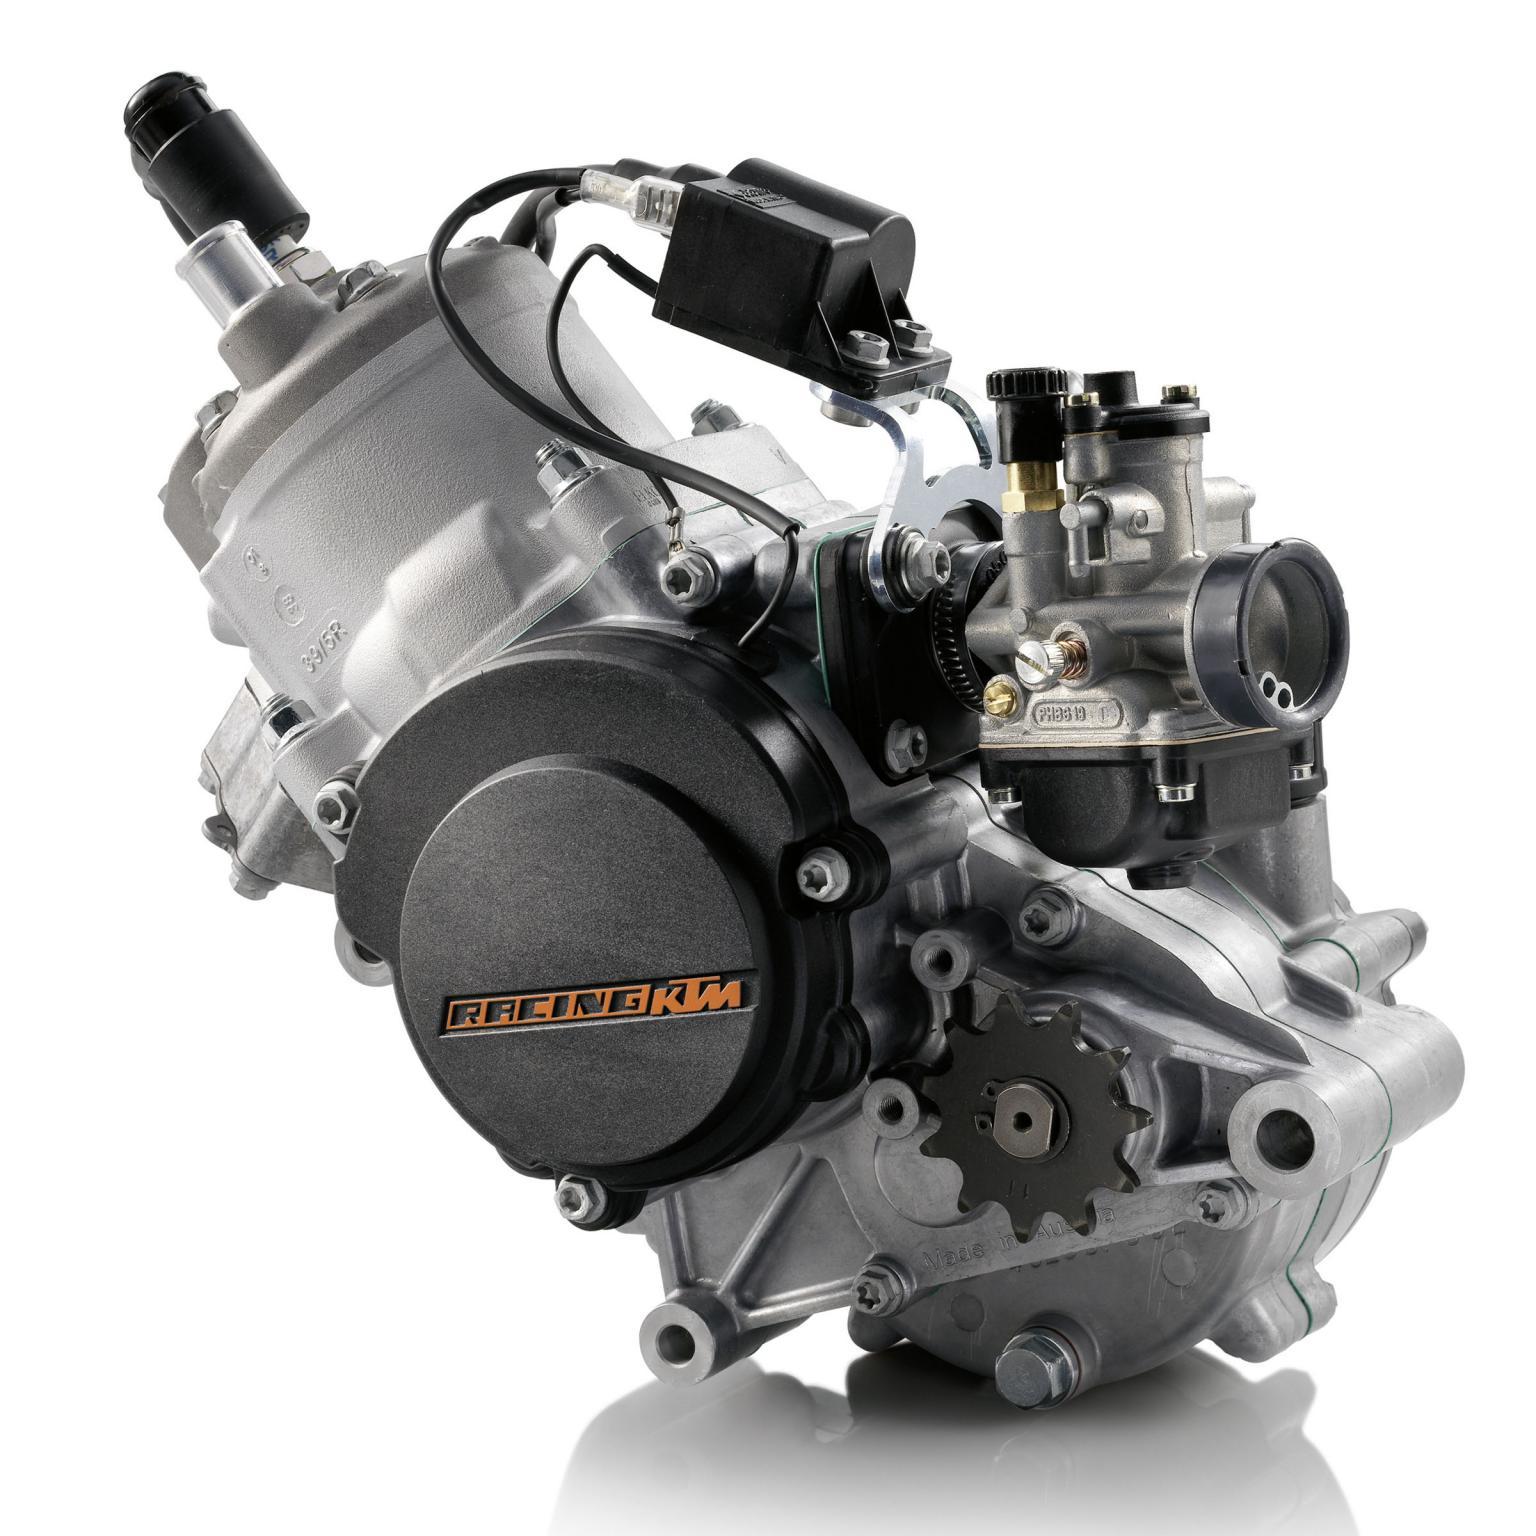 Ktm  Stroke Engines For Sale